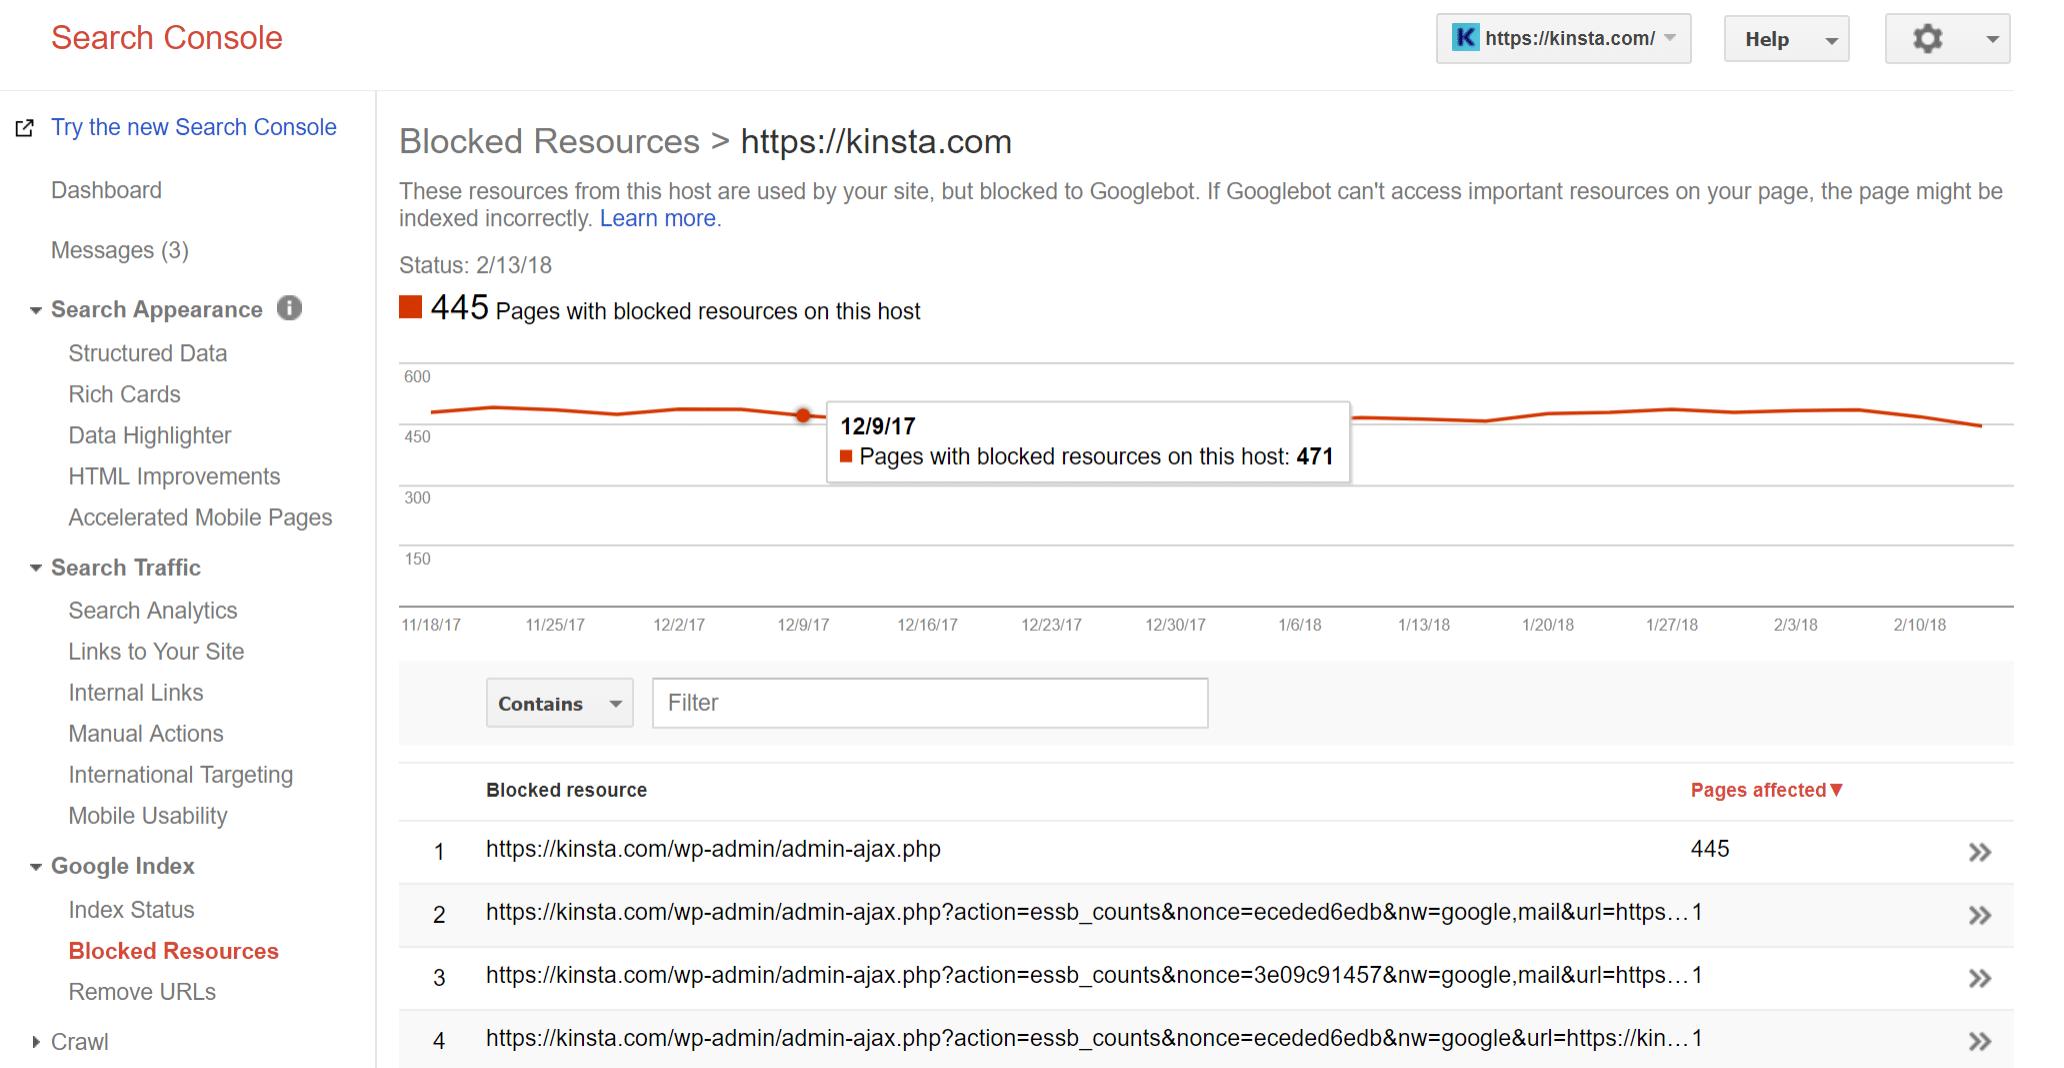 Pagine con risorse bloccate su questo host